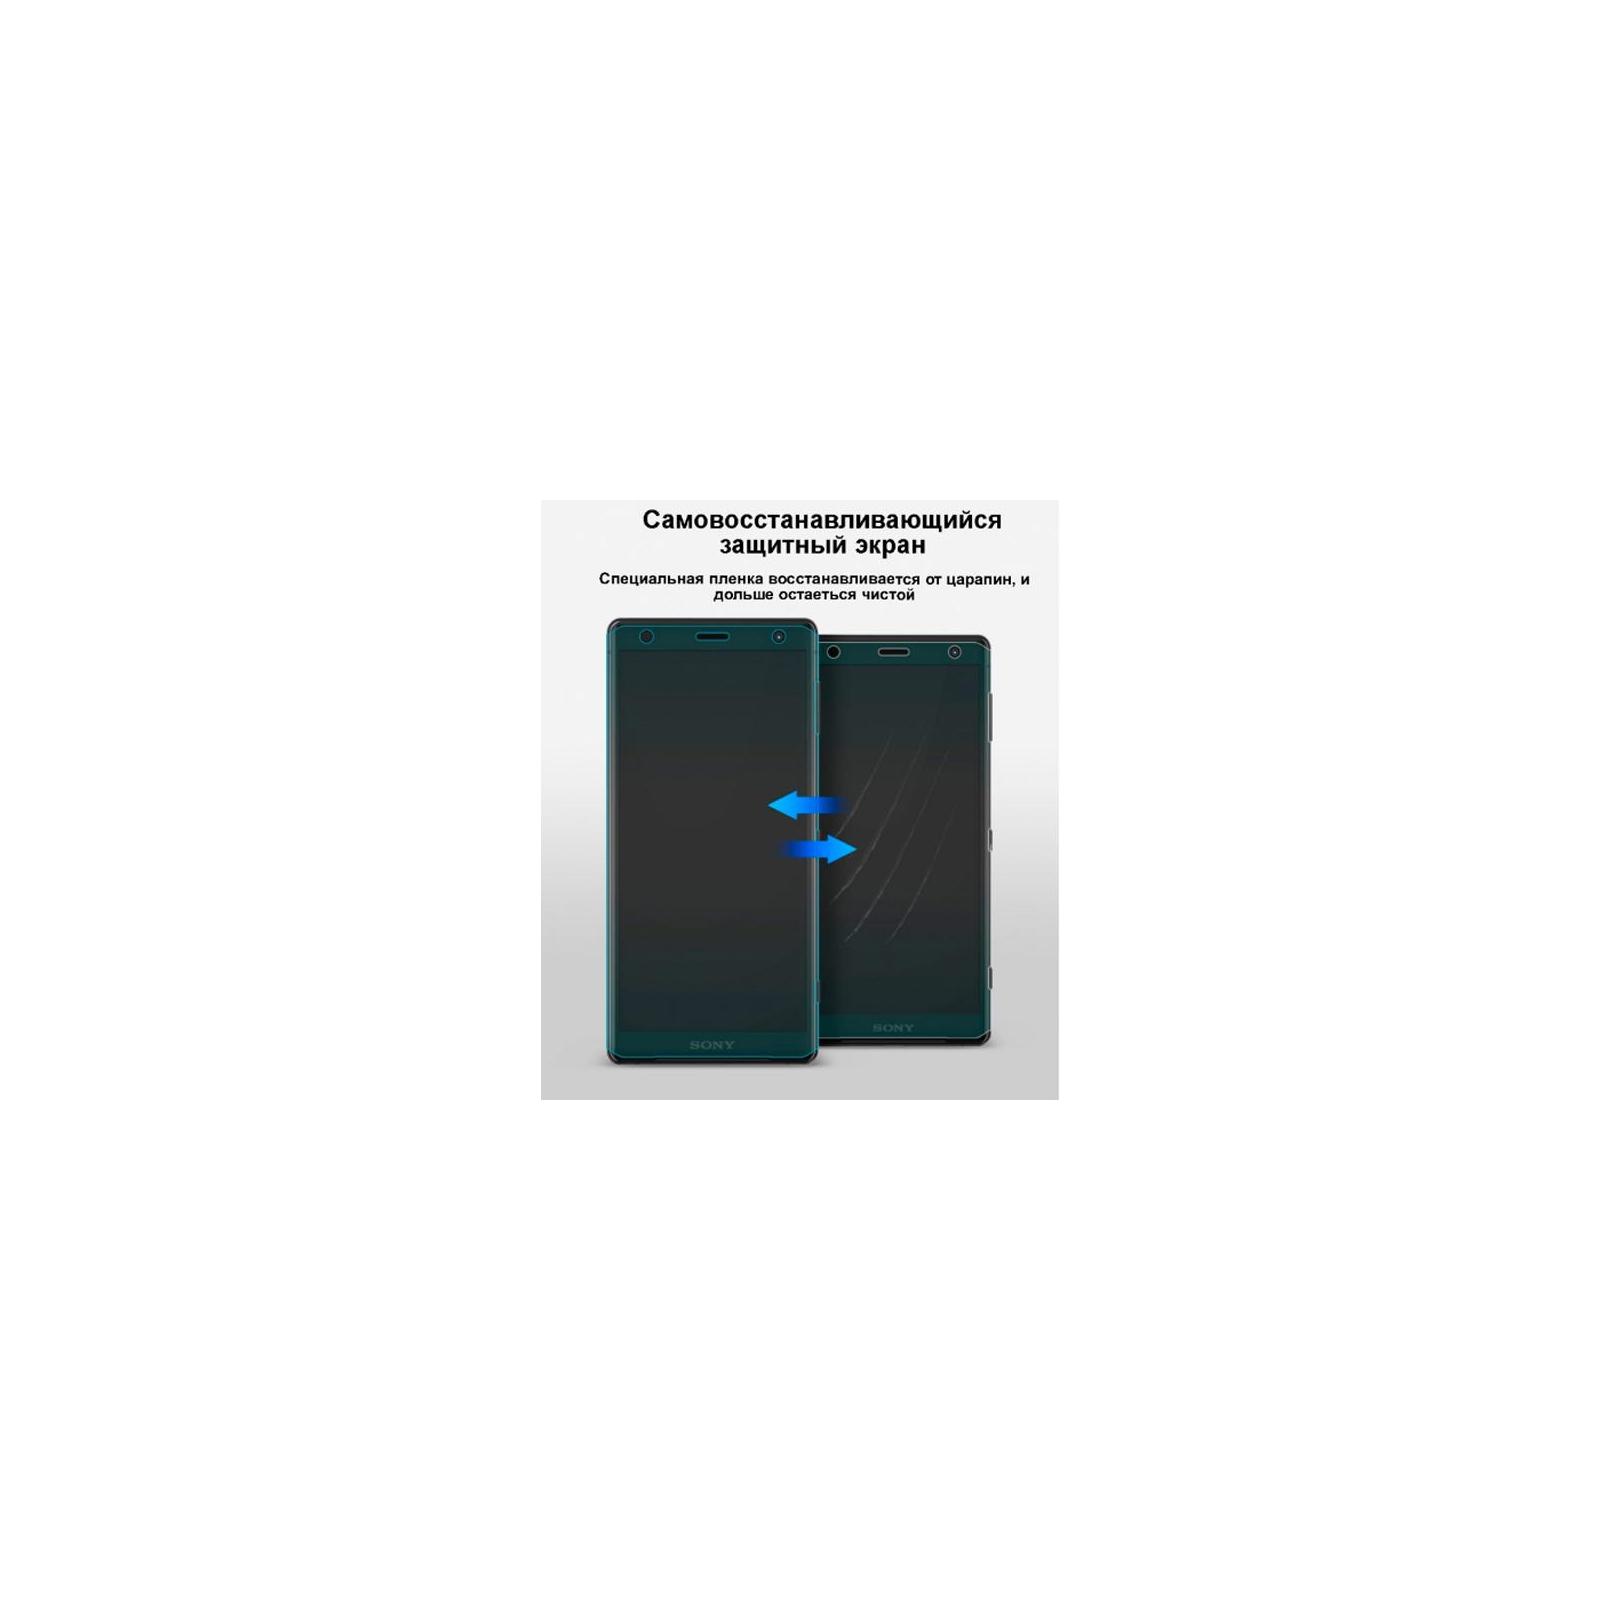 Пленка защитная Ringke для телефона Sony Xperia XZ2 Compact Full Cover (RSP4456) изображение 9